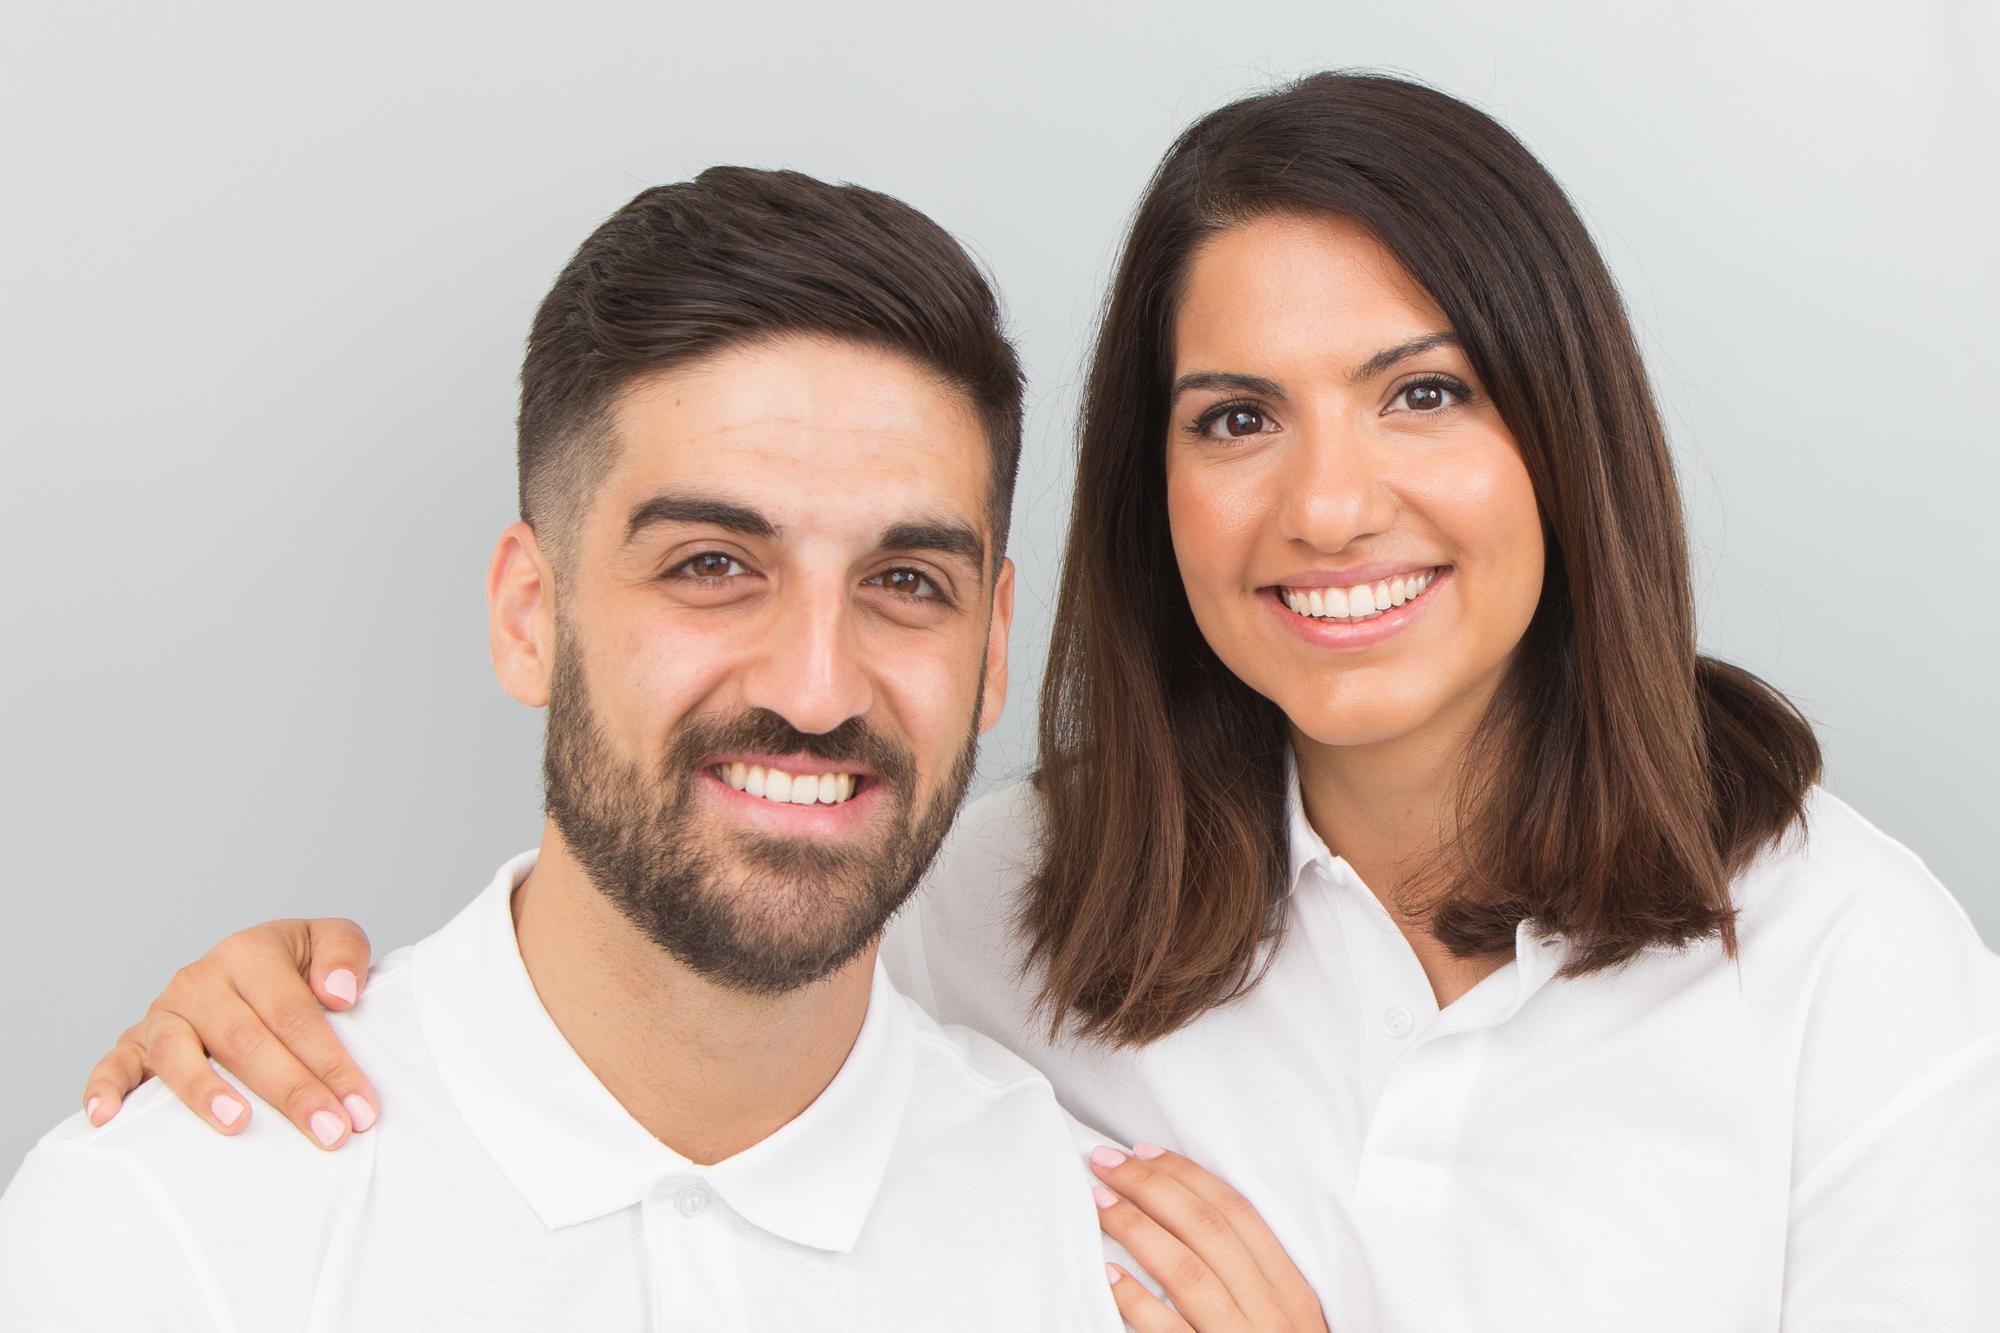 Portretter til hjemmeside